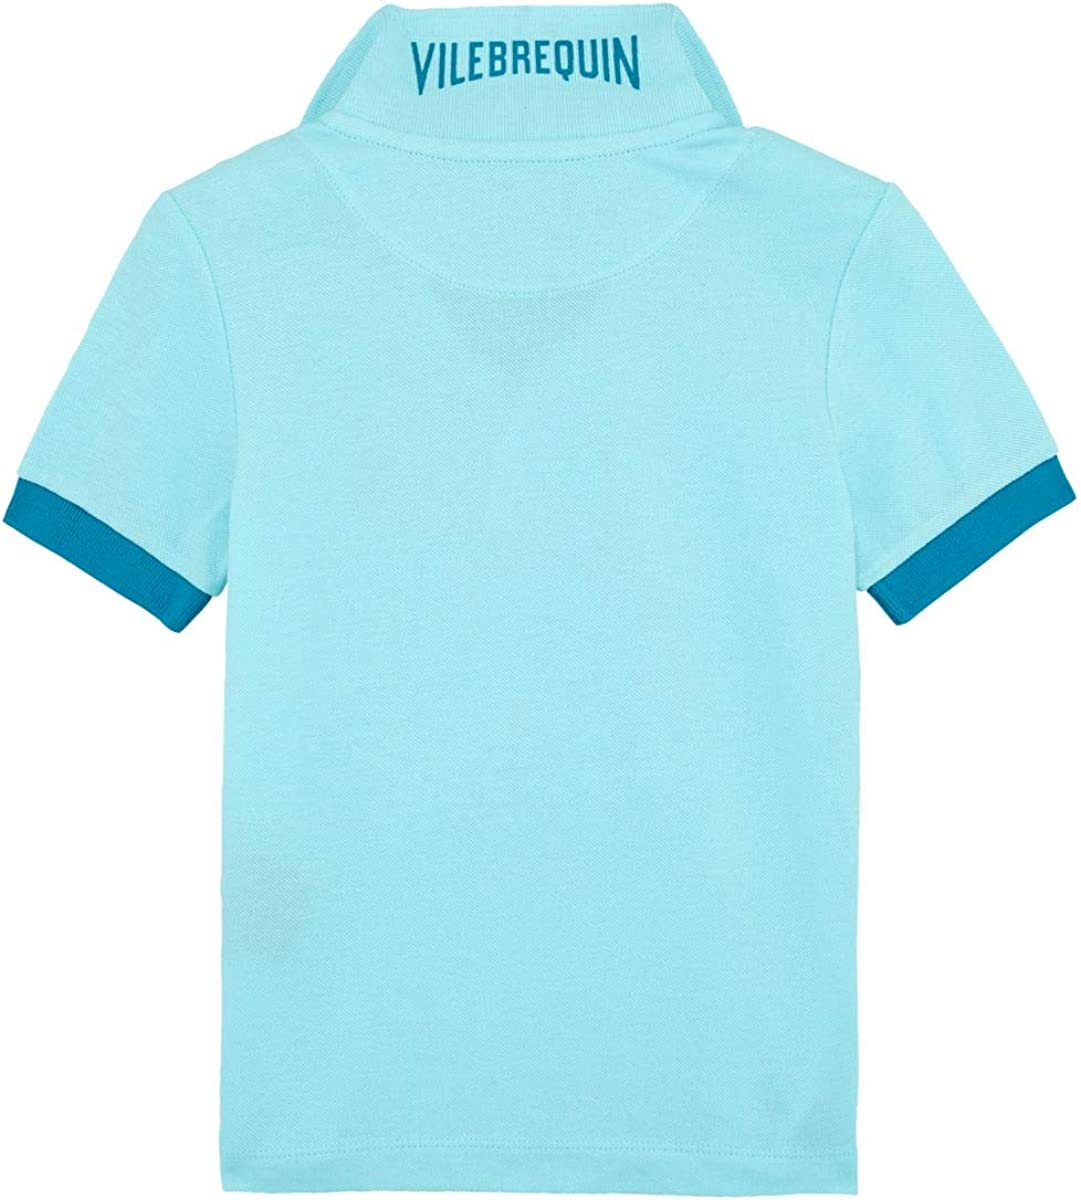 Solid Polohemd aus Baumwollpikee f/ür Jungen